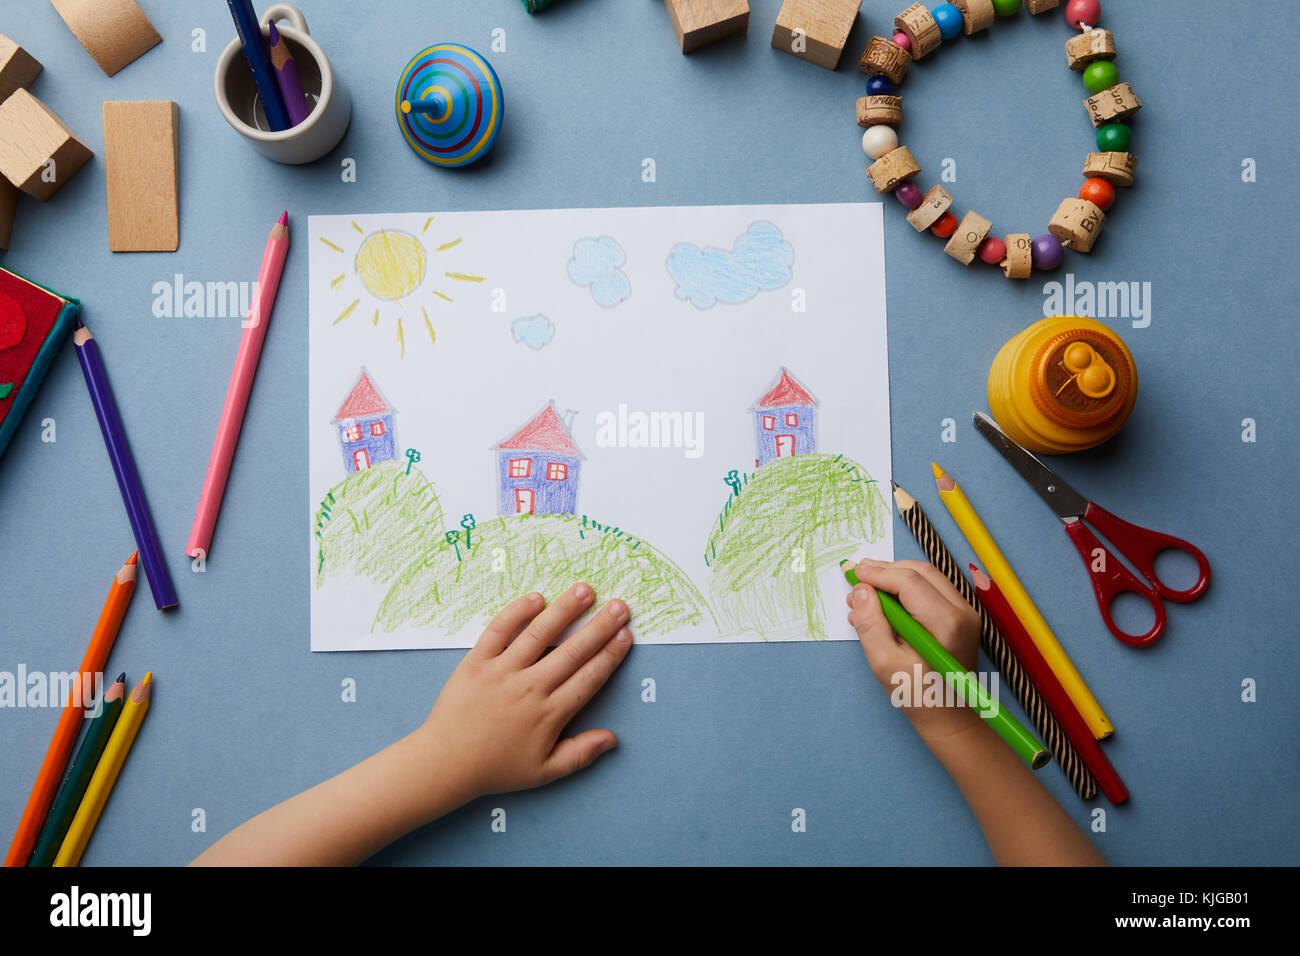 Dibujo infantil paisaje con casas Imagen De Stock